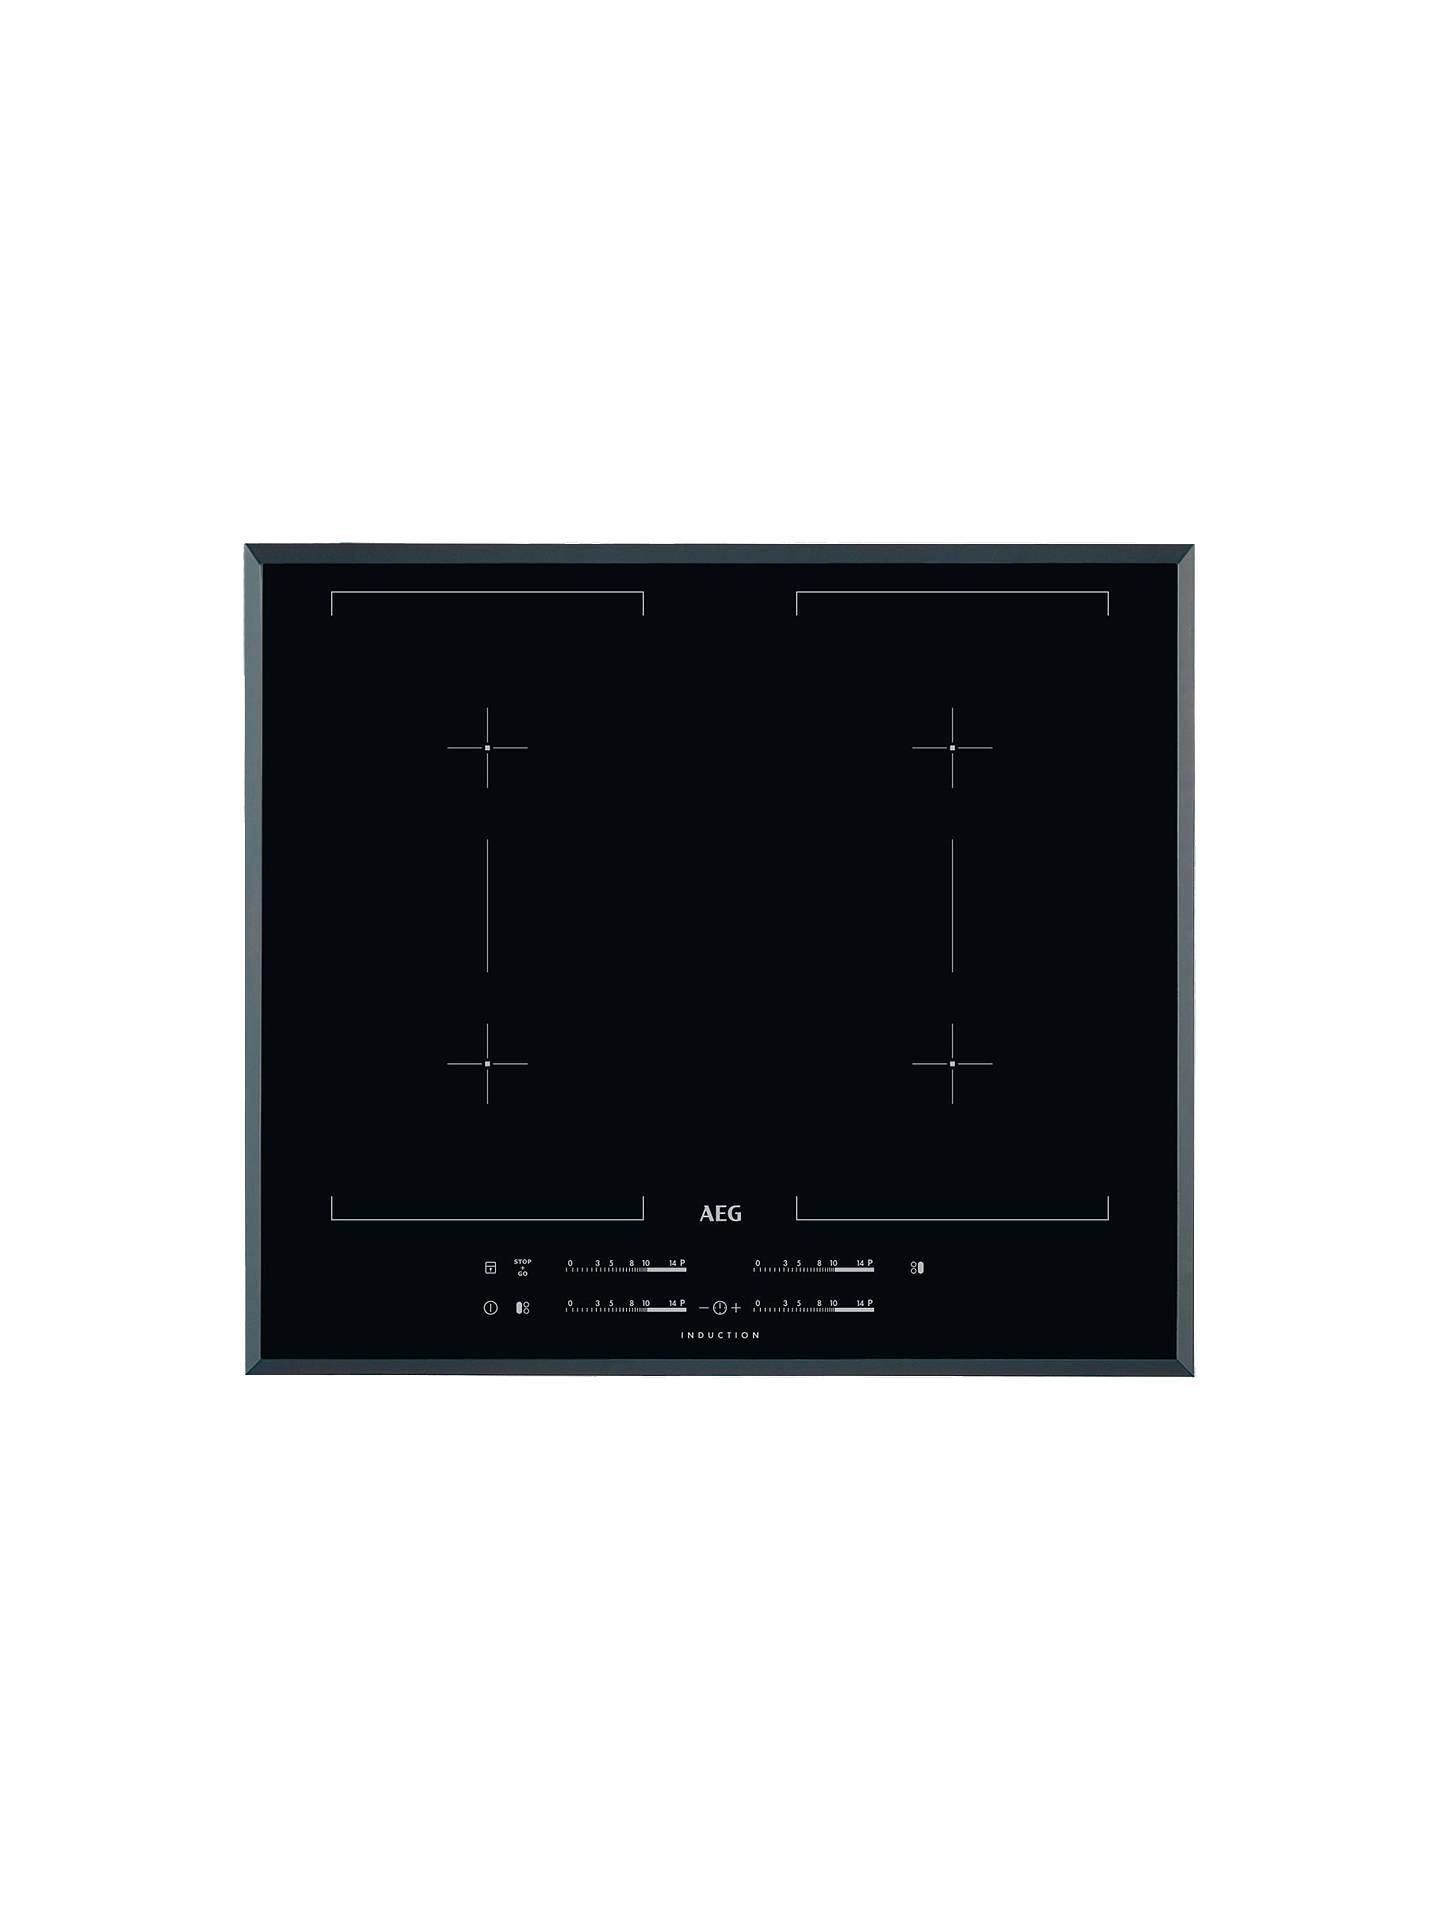 Aeg Hk654400fb Maxisense Induction Hob Black At John Lewis Partners Washing Machine Wiring Diagram Buyaeg Online